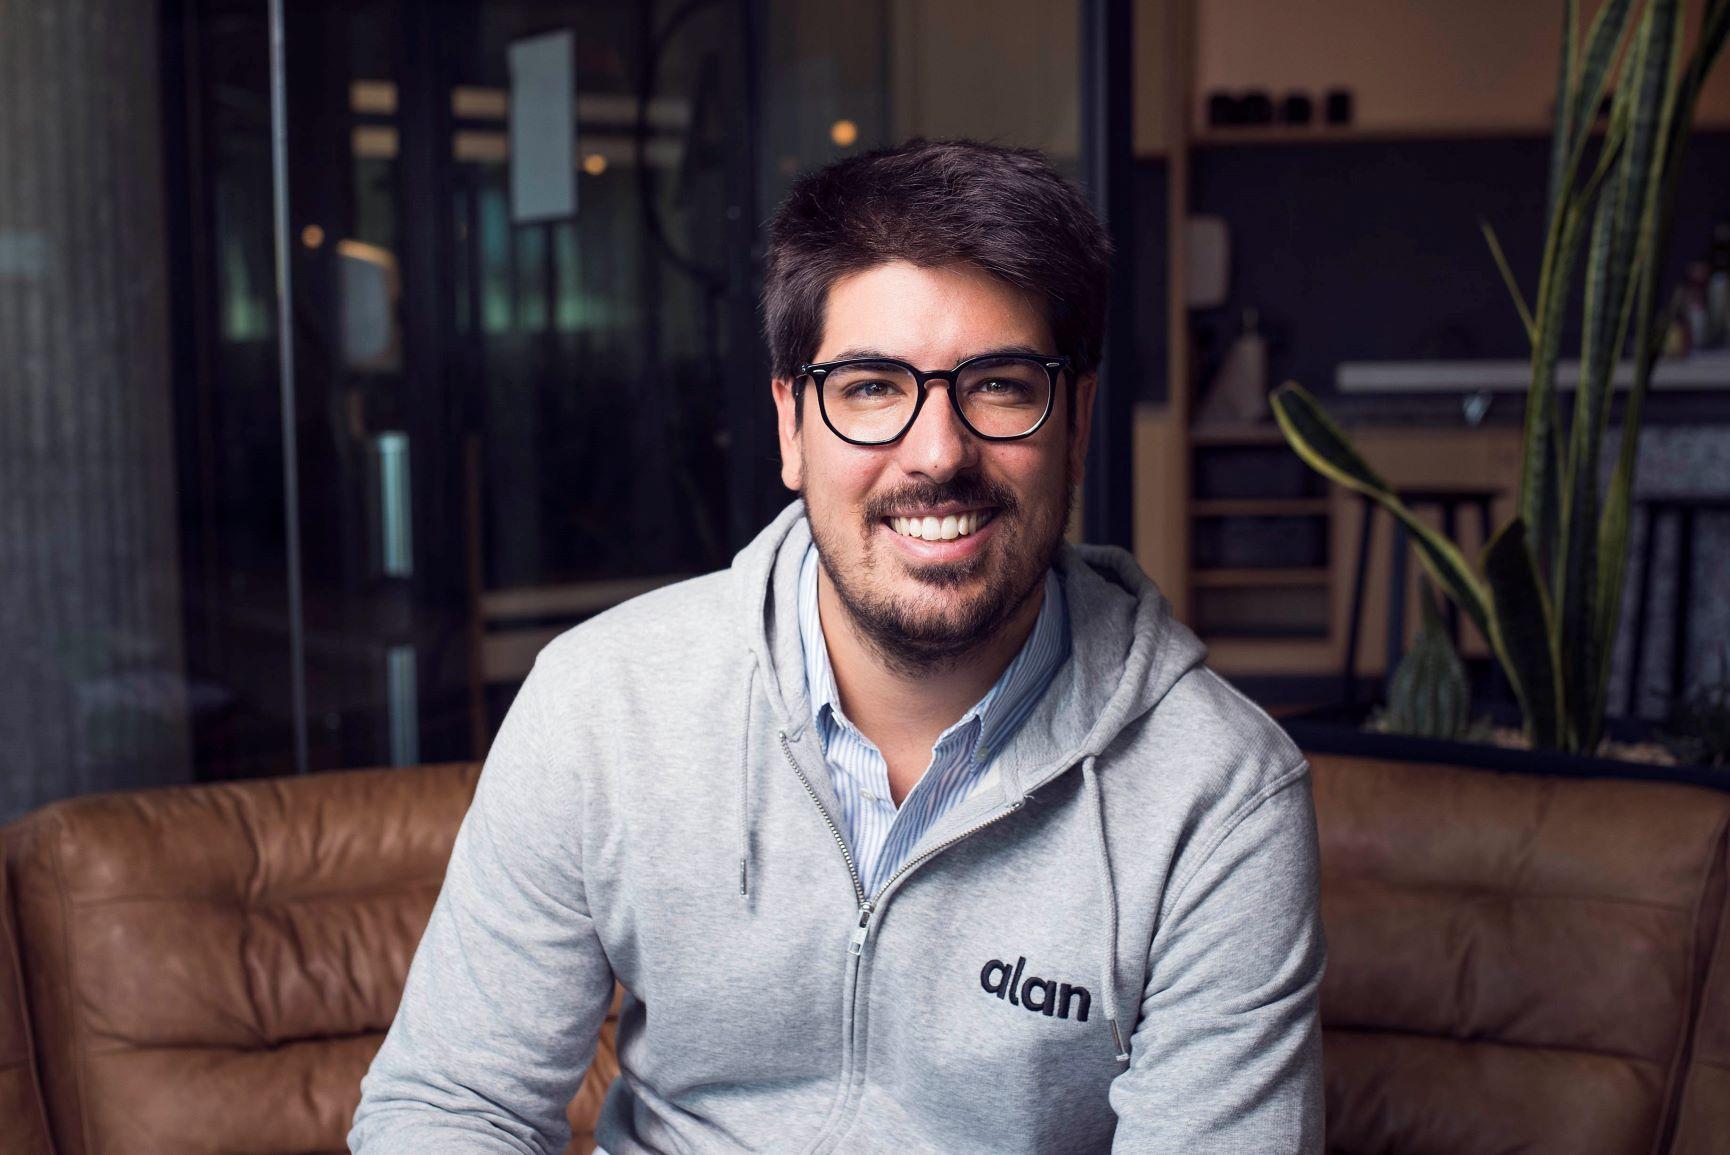 Alan es un seguro 100% digital de salud. Nació en febrero de 2016 como la primera aseguradora de salud digital en Europa y está revolucionando el sector en Francia, donde trabaja ya con 8000 empresas.